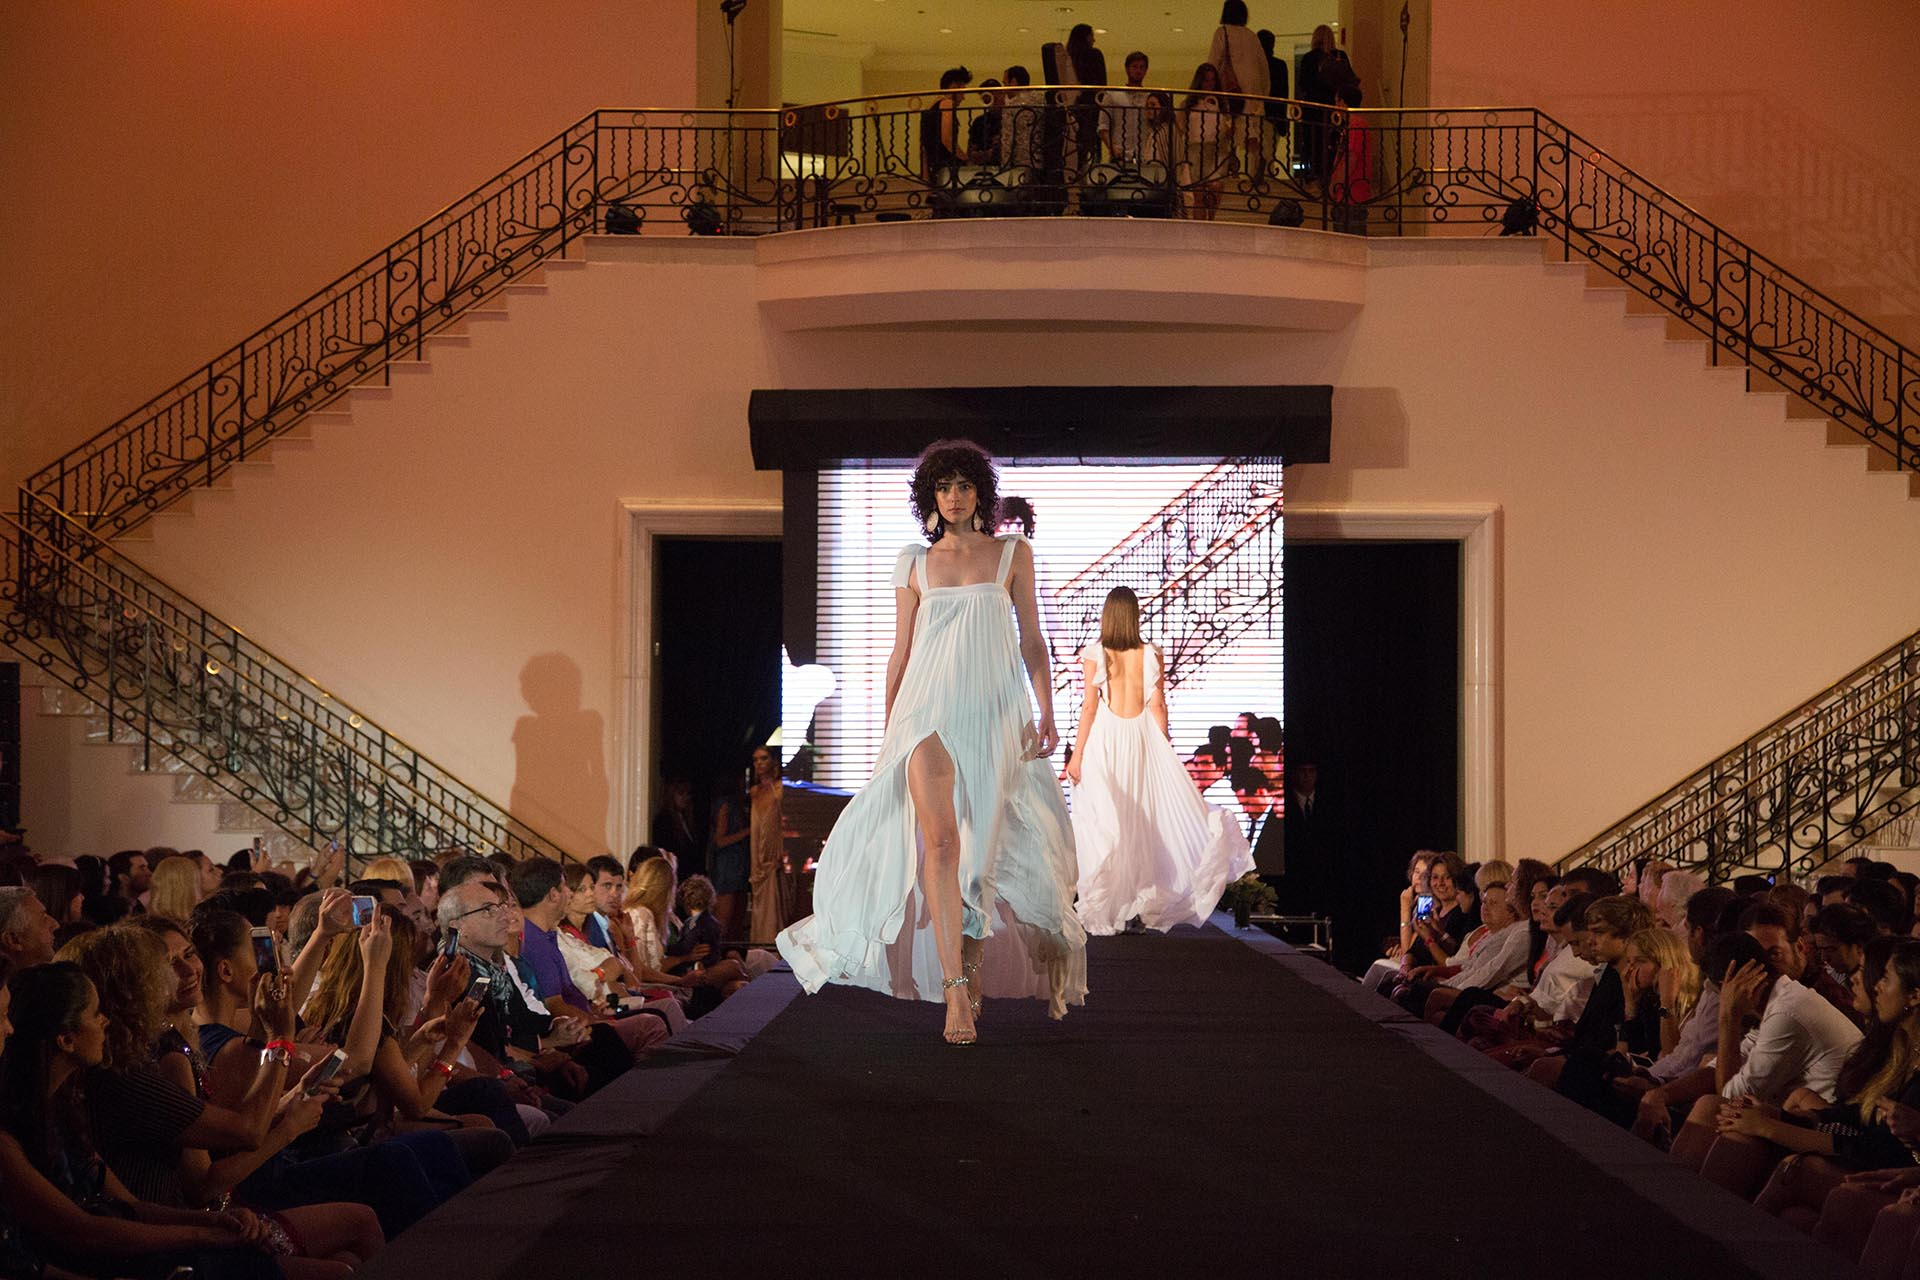 Más de 350 personas pudieron disfrutar de las últimas tendencias de la moda para esta temporada, de la mano de las marcas Carmen Steffens, Sarah Jessy Jones, María Gorof, Guevara Ocampo y Paula Errazuriz